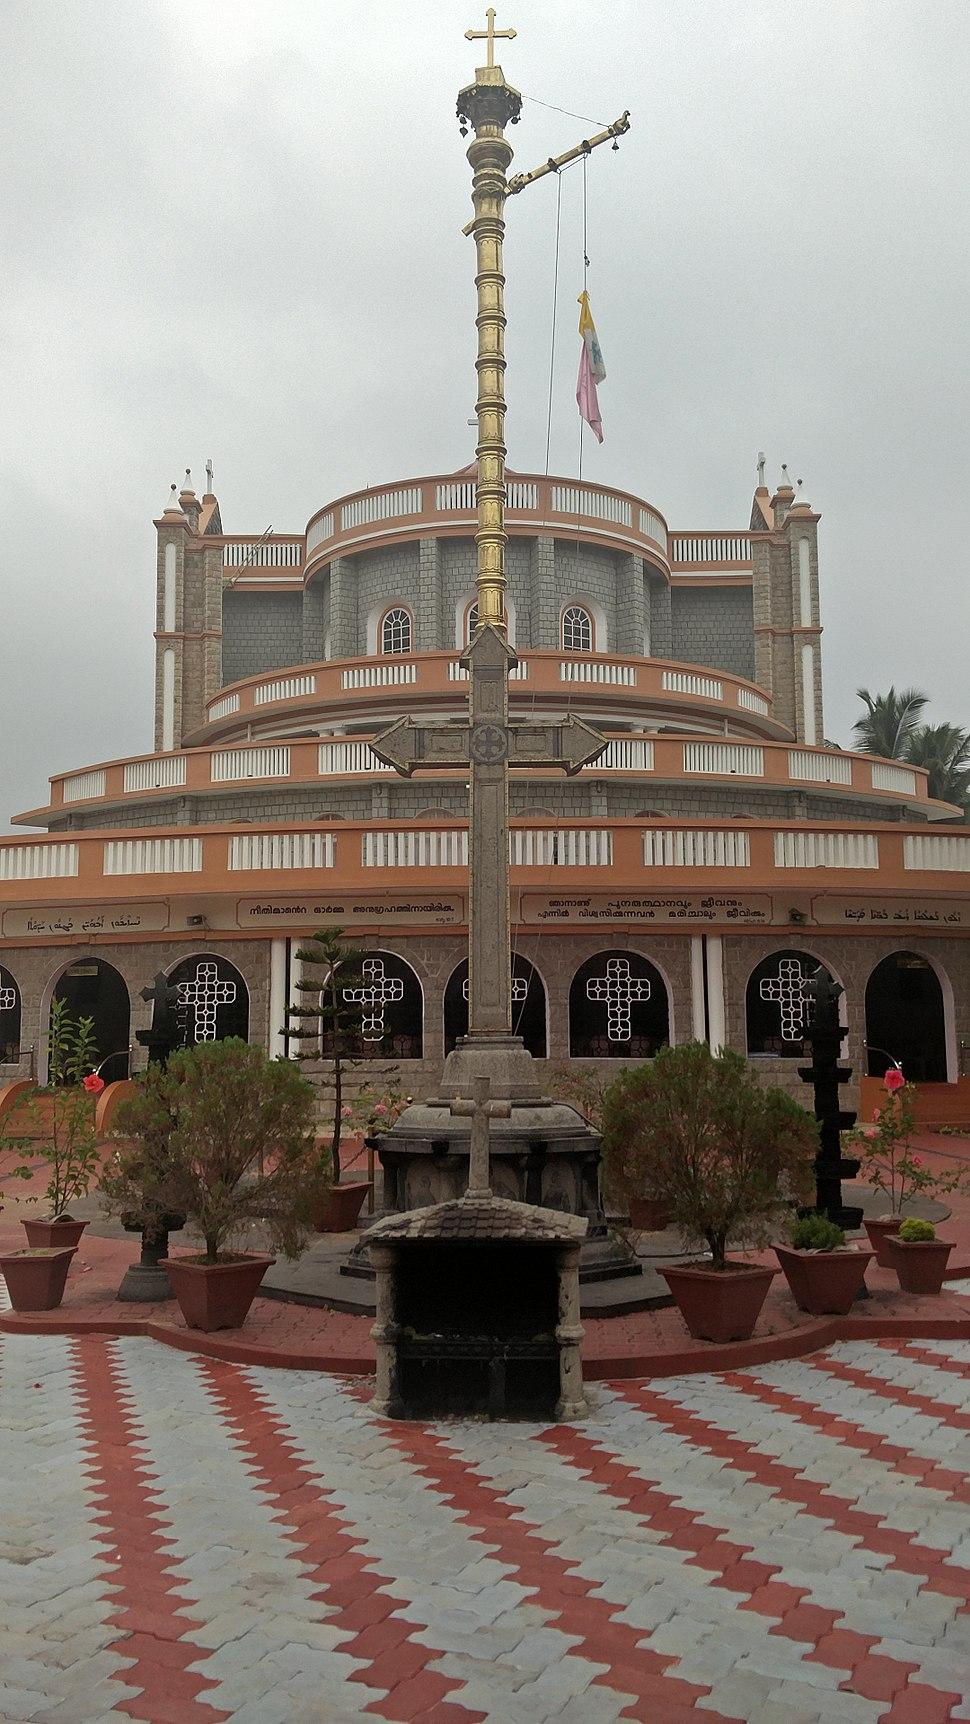 St. Mary's Cathedral, Pattom, Thiruvananthapuram